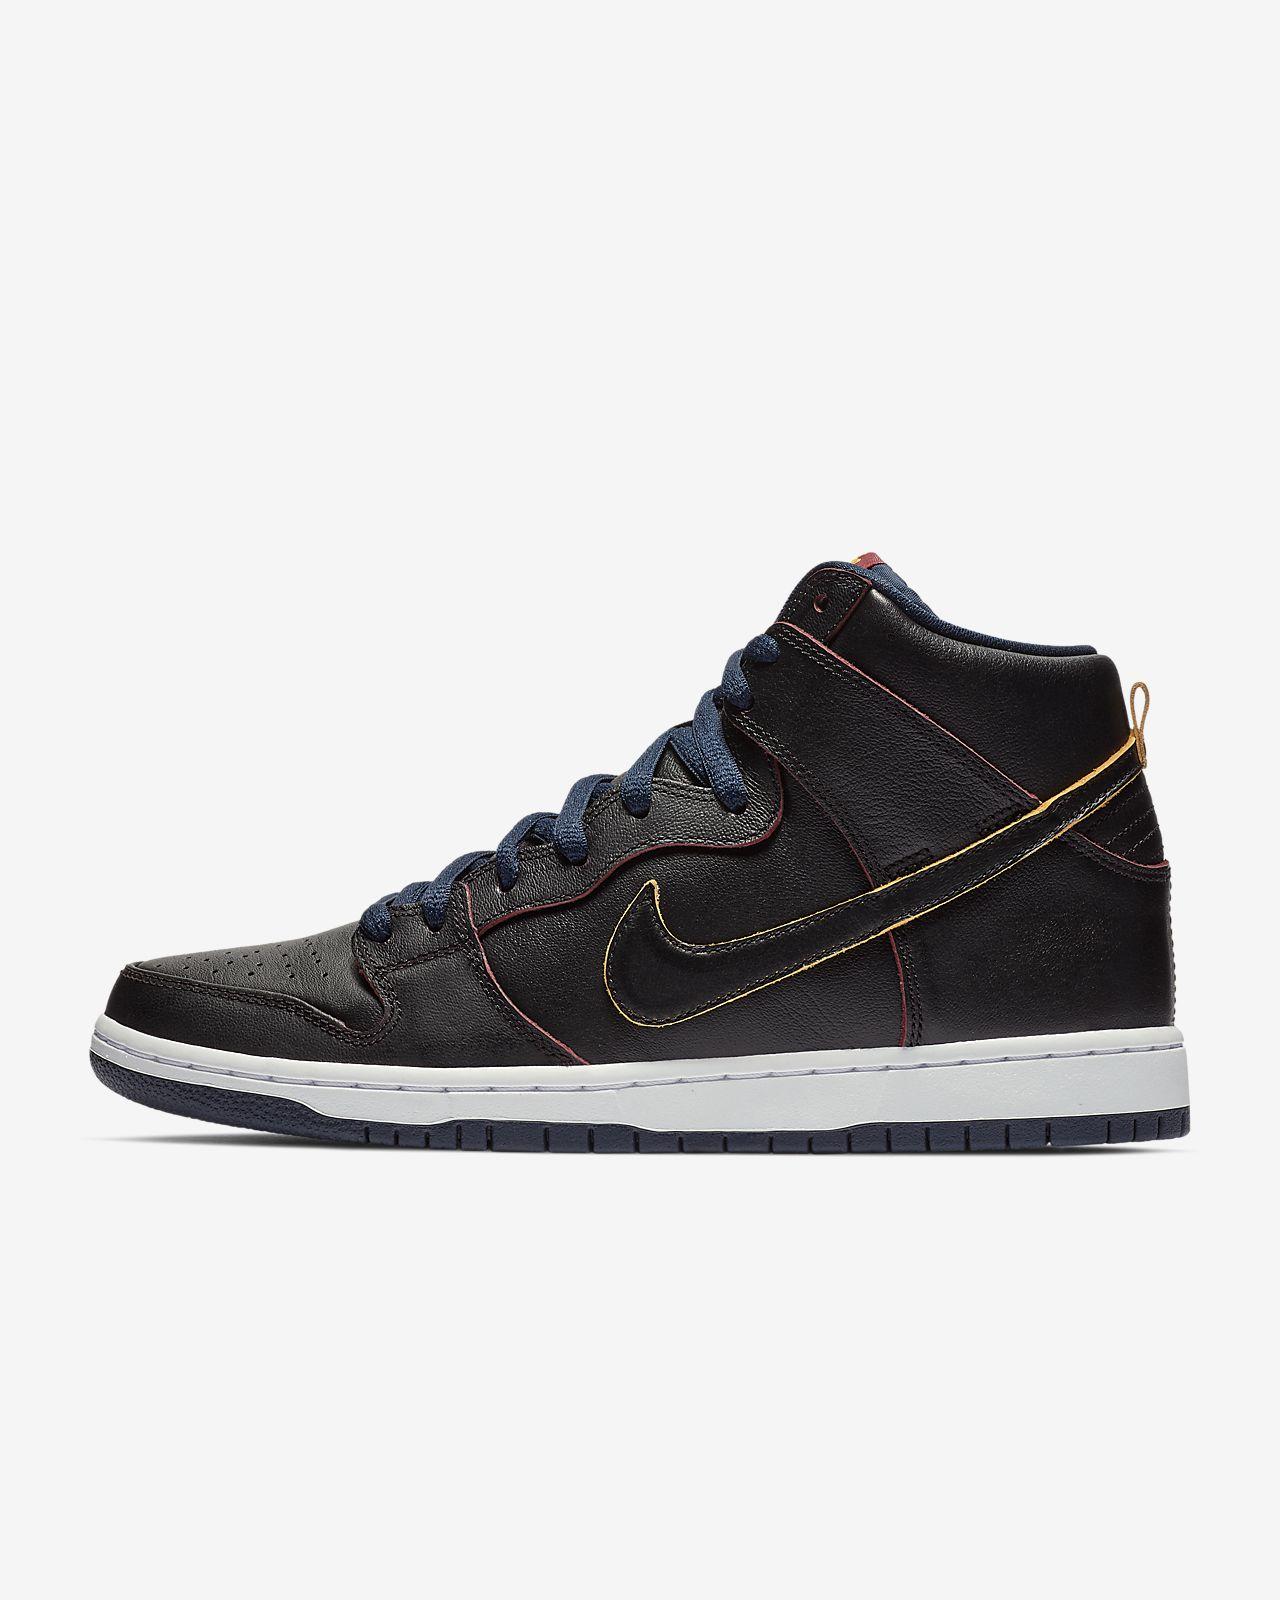 cc0b48b88ab4 Nike SB Dunk High Pro NBA Men s Skate Shoe. Nike.com SG